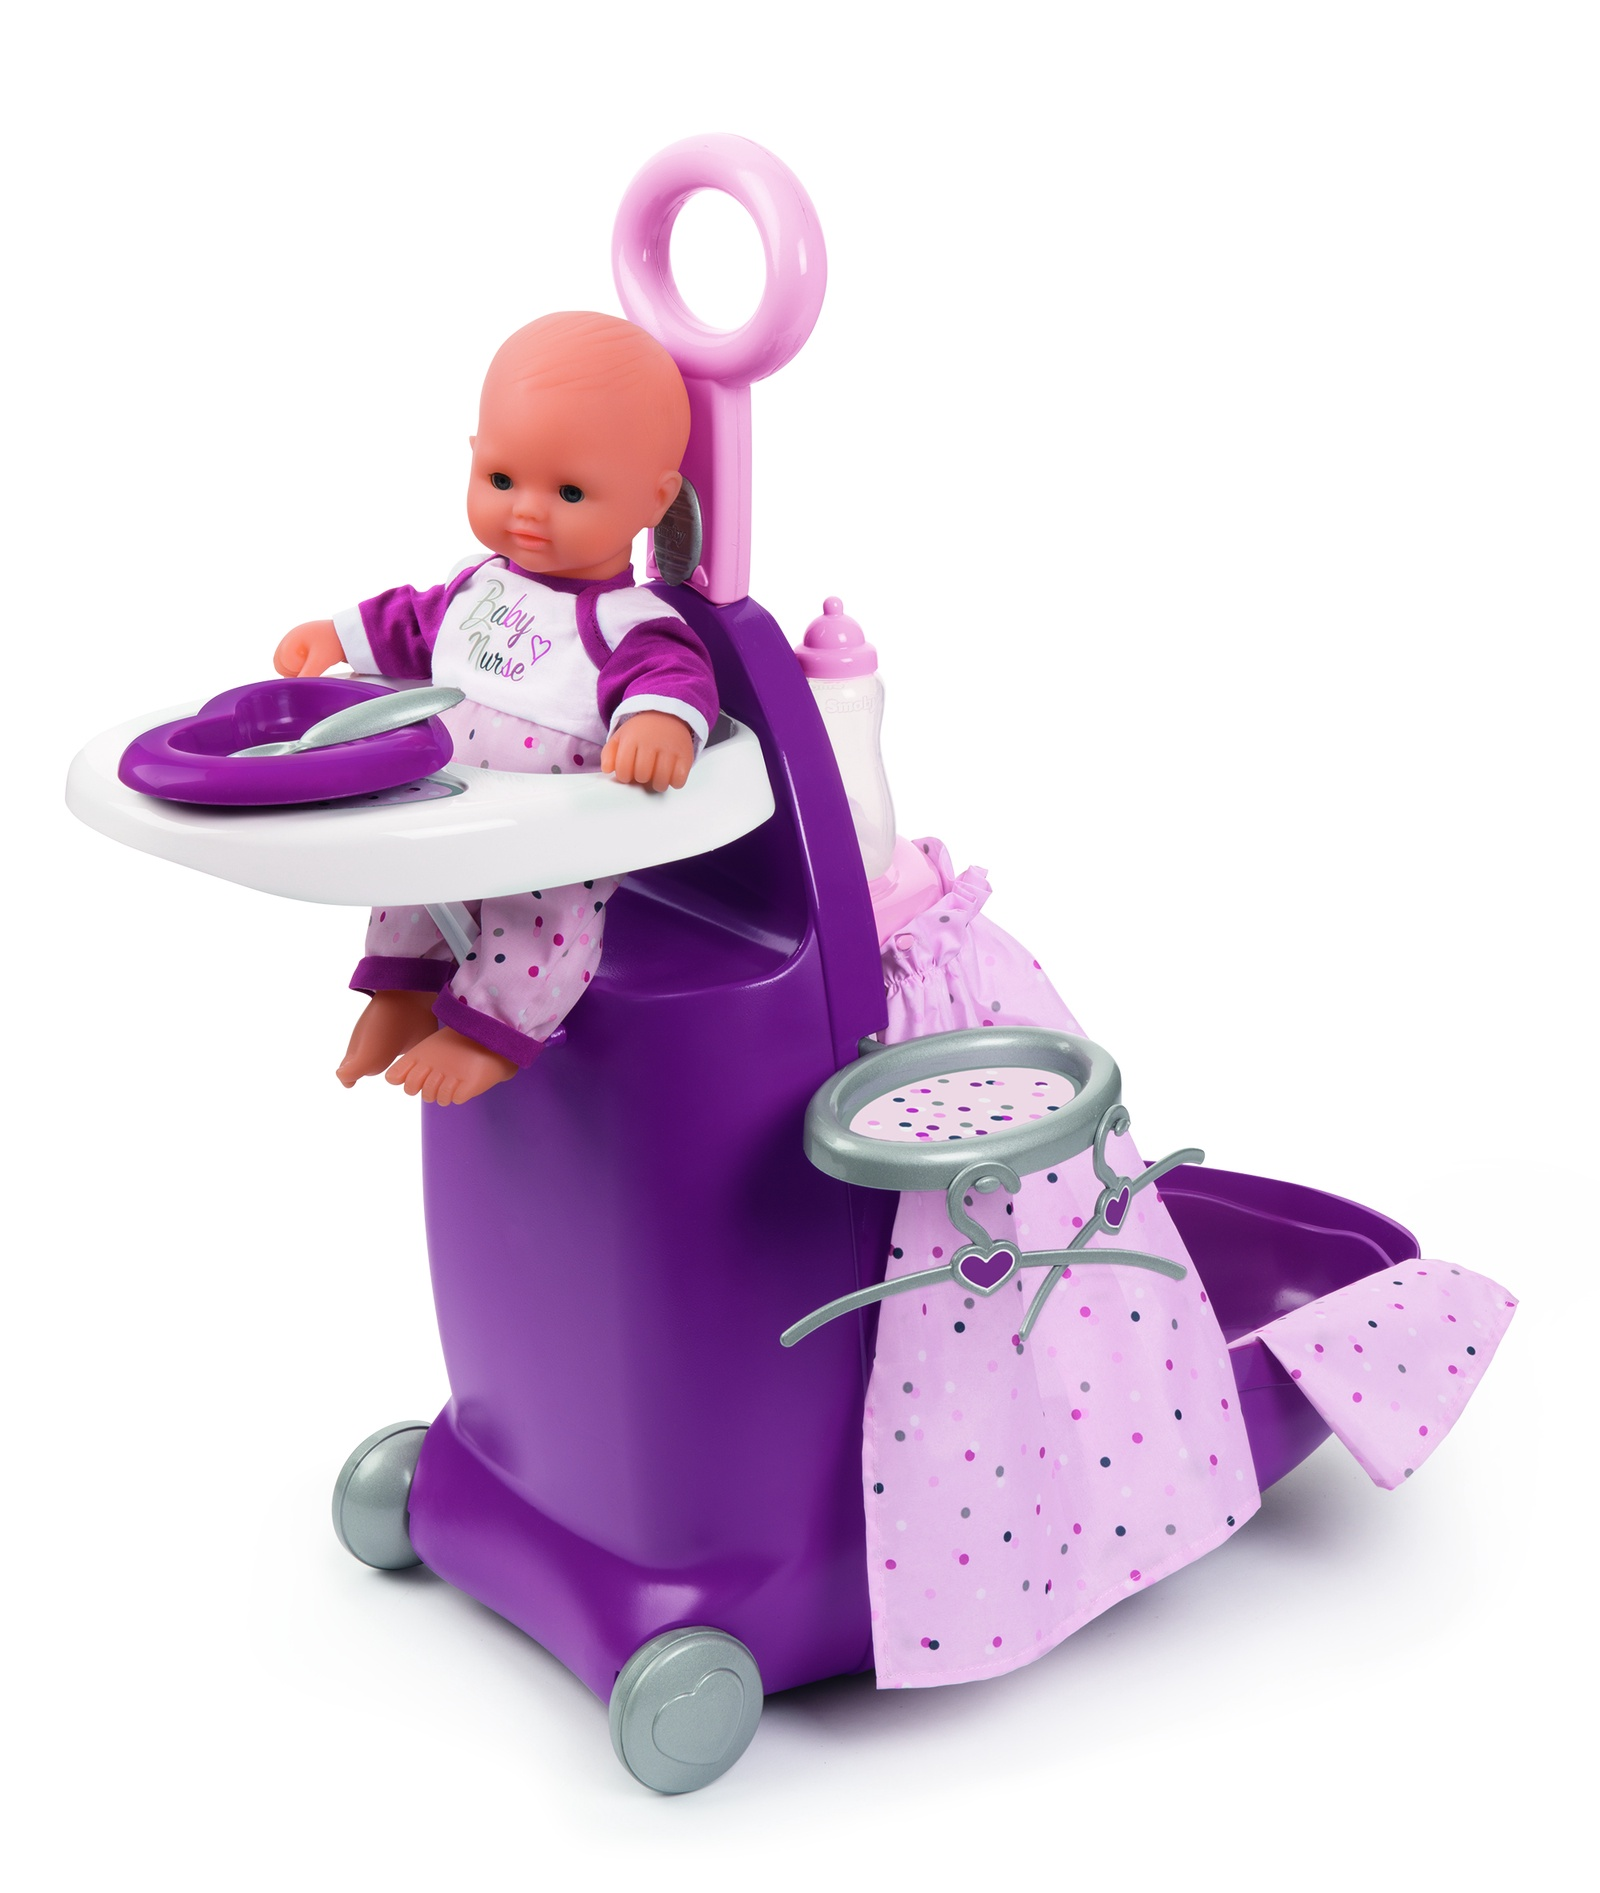 Baby Nurse Набор для кормления и купания пупса в чемодане, 26х47х62 см аксессуары для купания